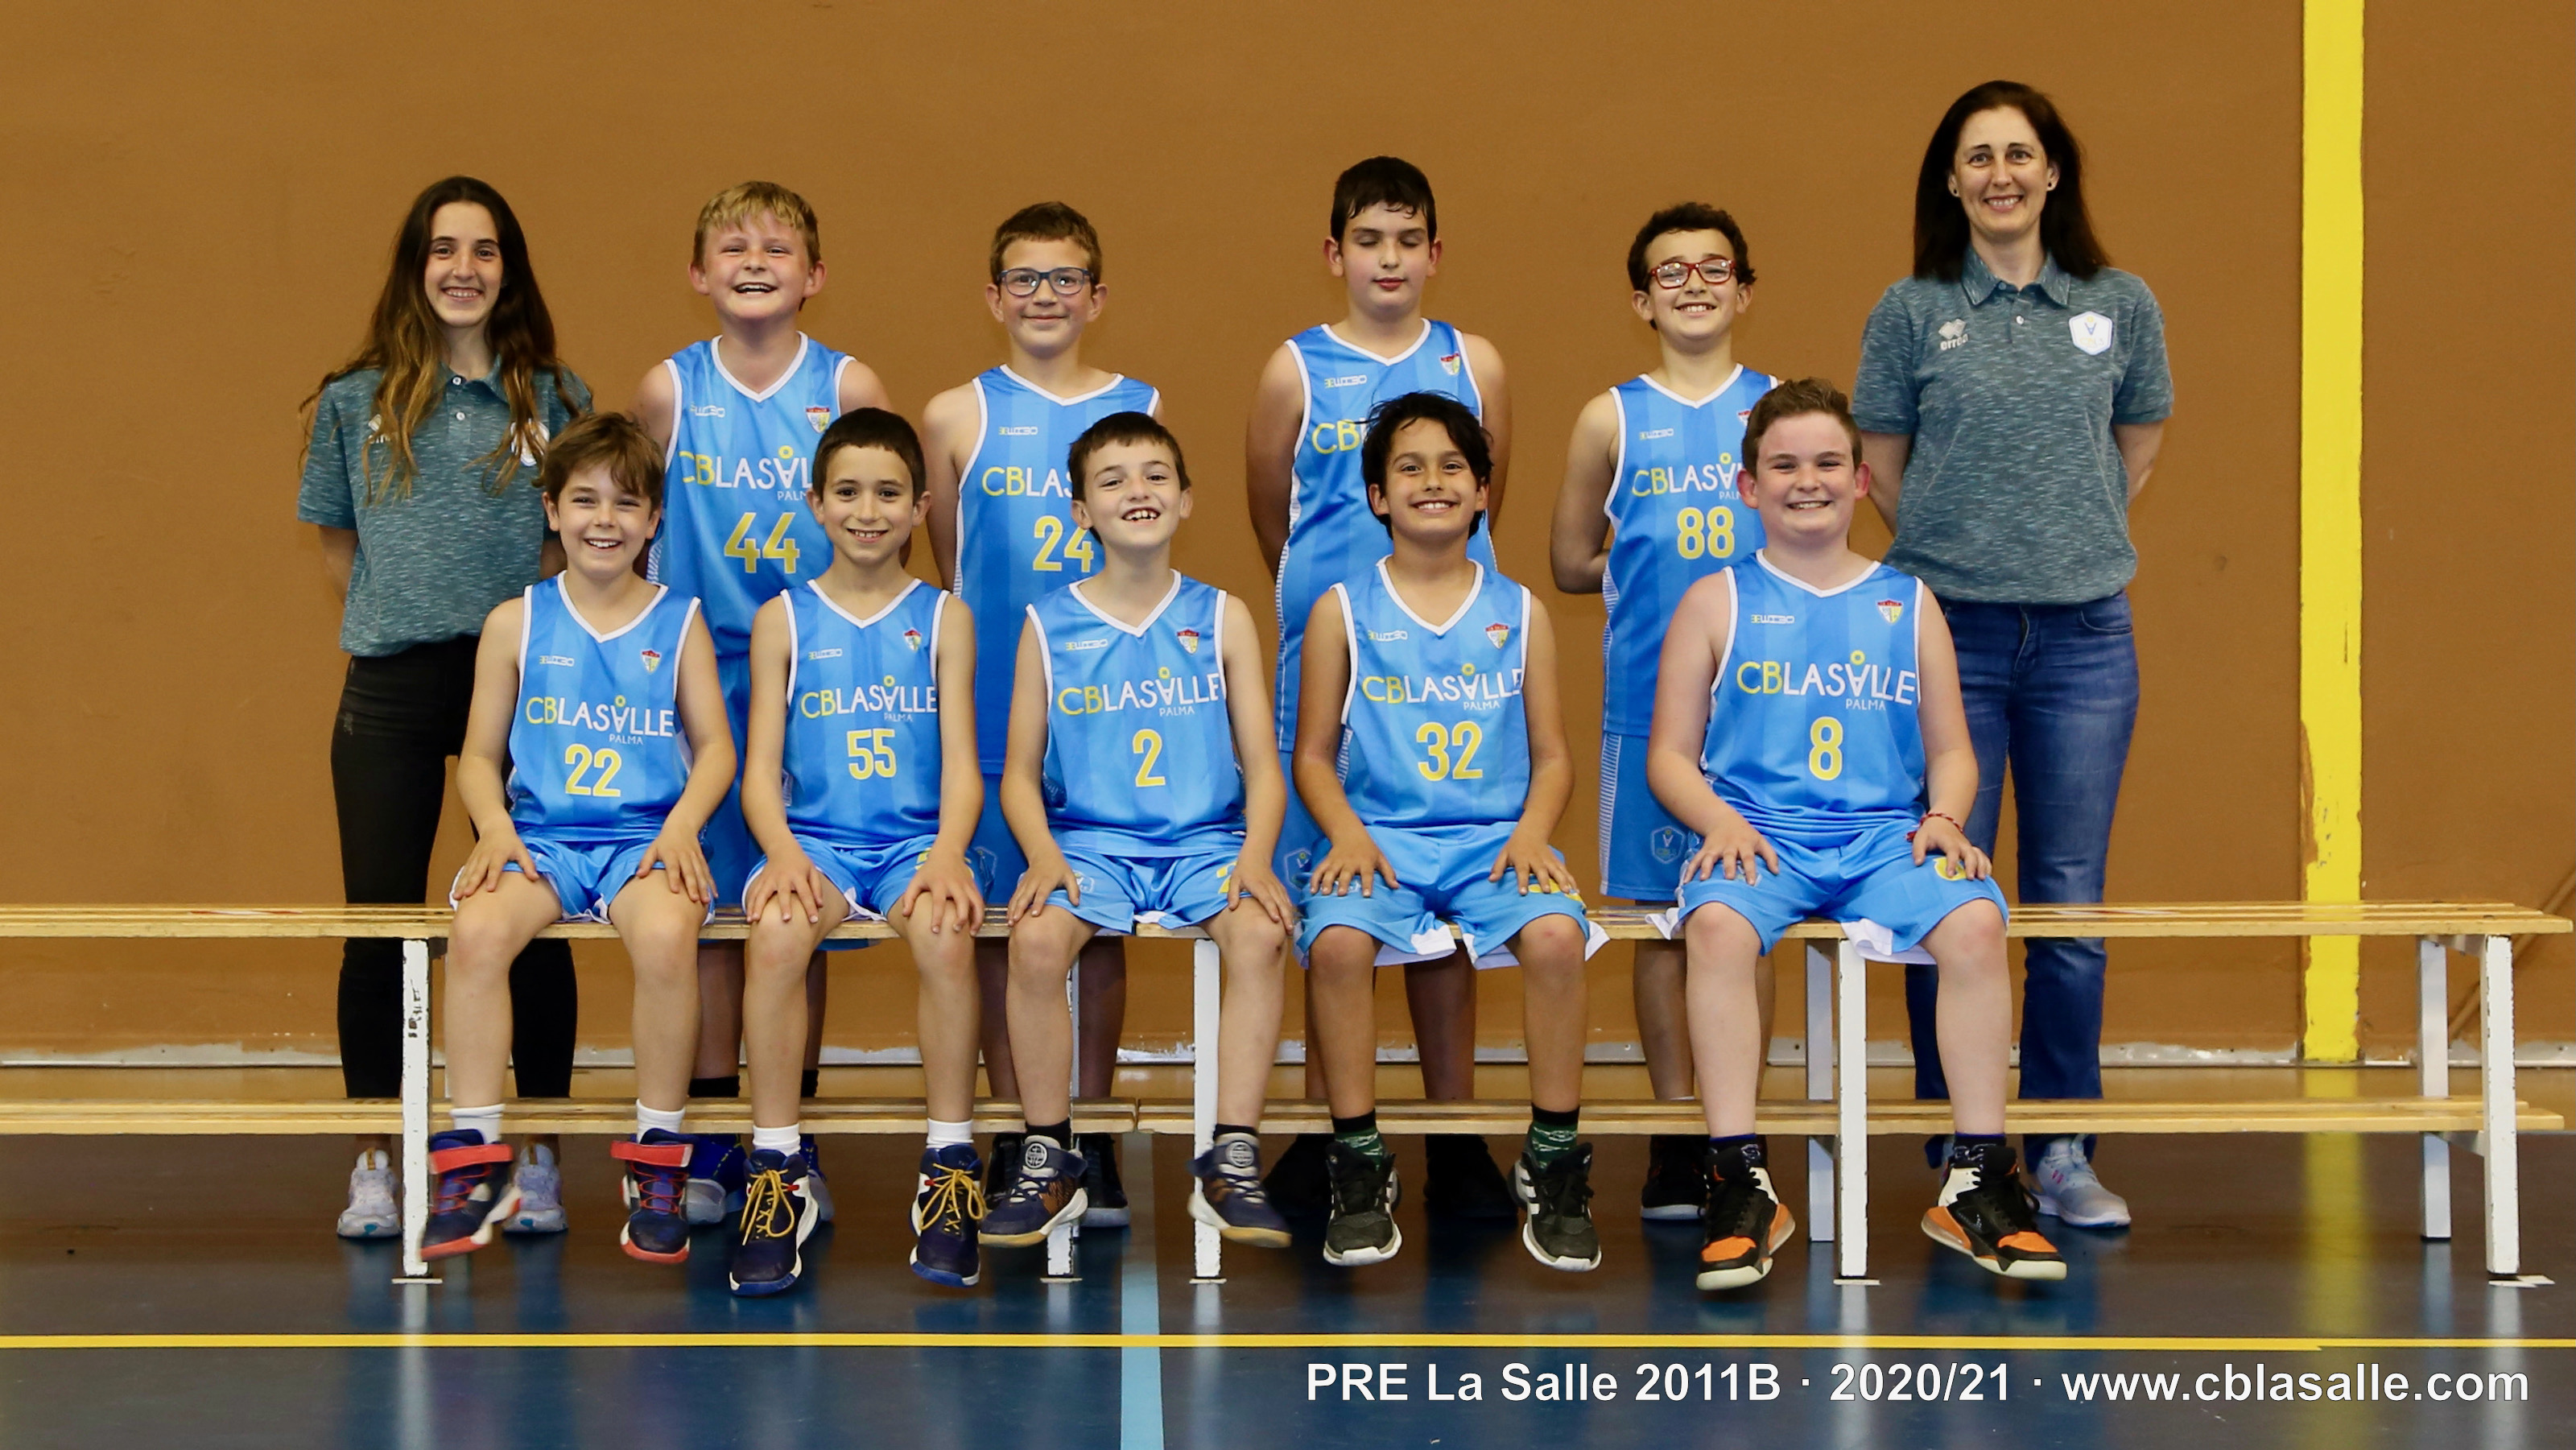 PRE Salle 2011B